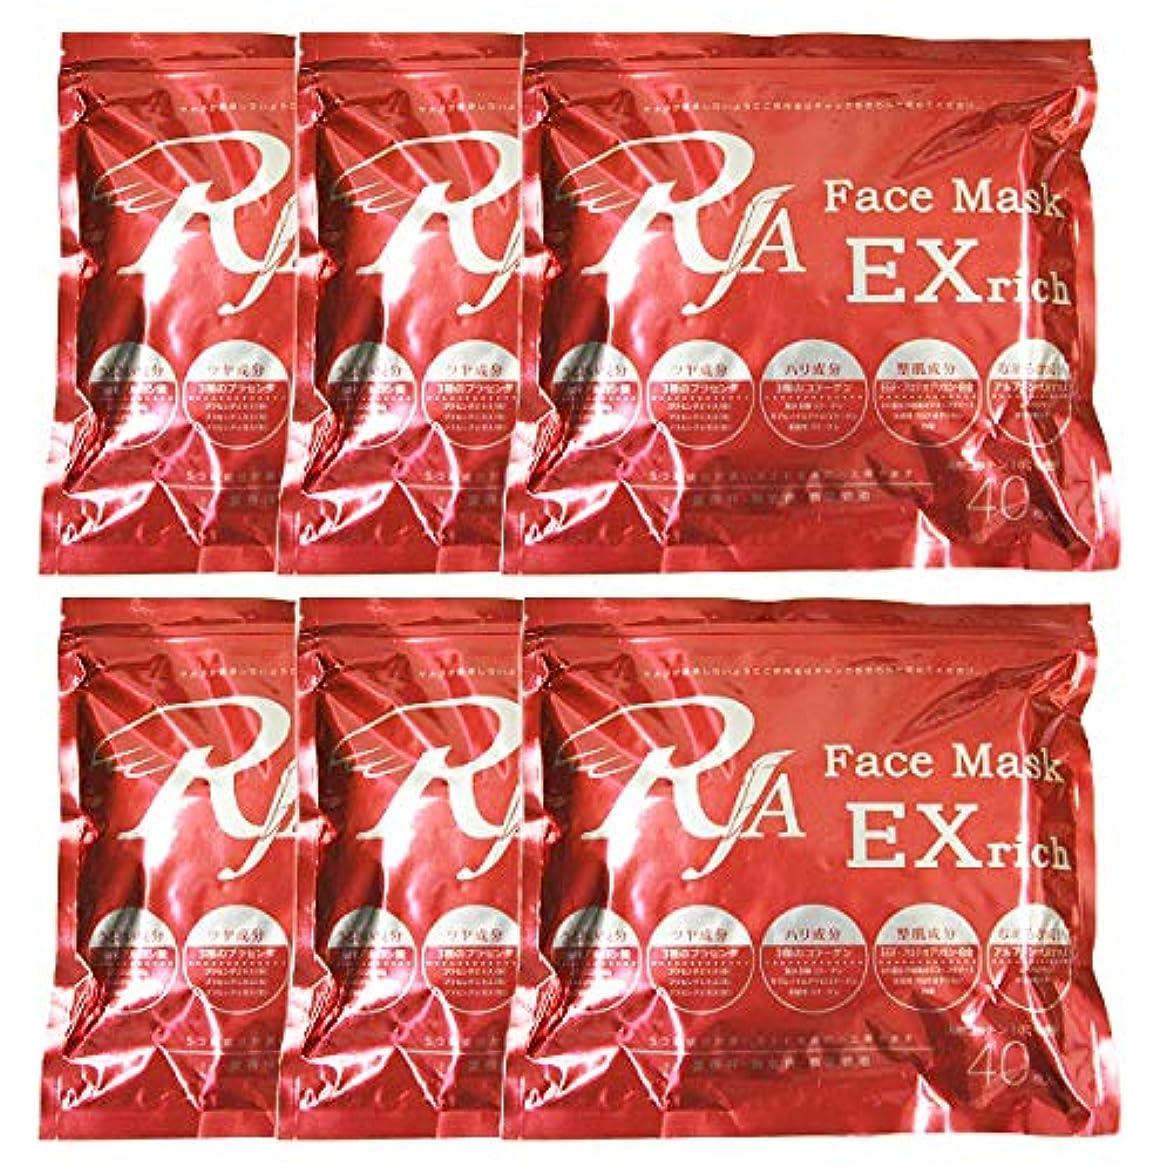 わかりやすい一時解雇する習慣TBS公式/RJA フェイス マスク EXrich 240枚入(40枚×6袋) エステ使用の実力派フェイスマスク!1枚に約11mlもの美容液